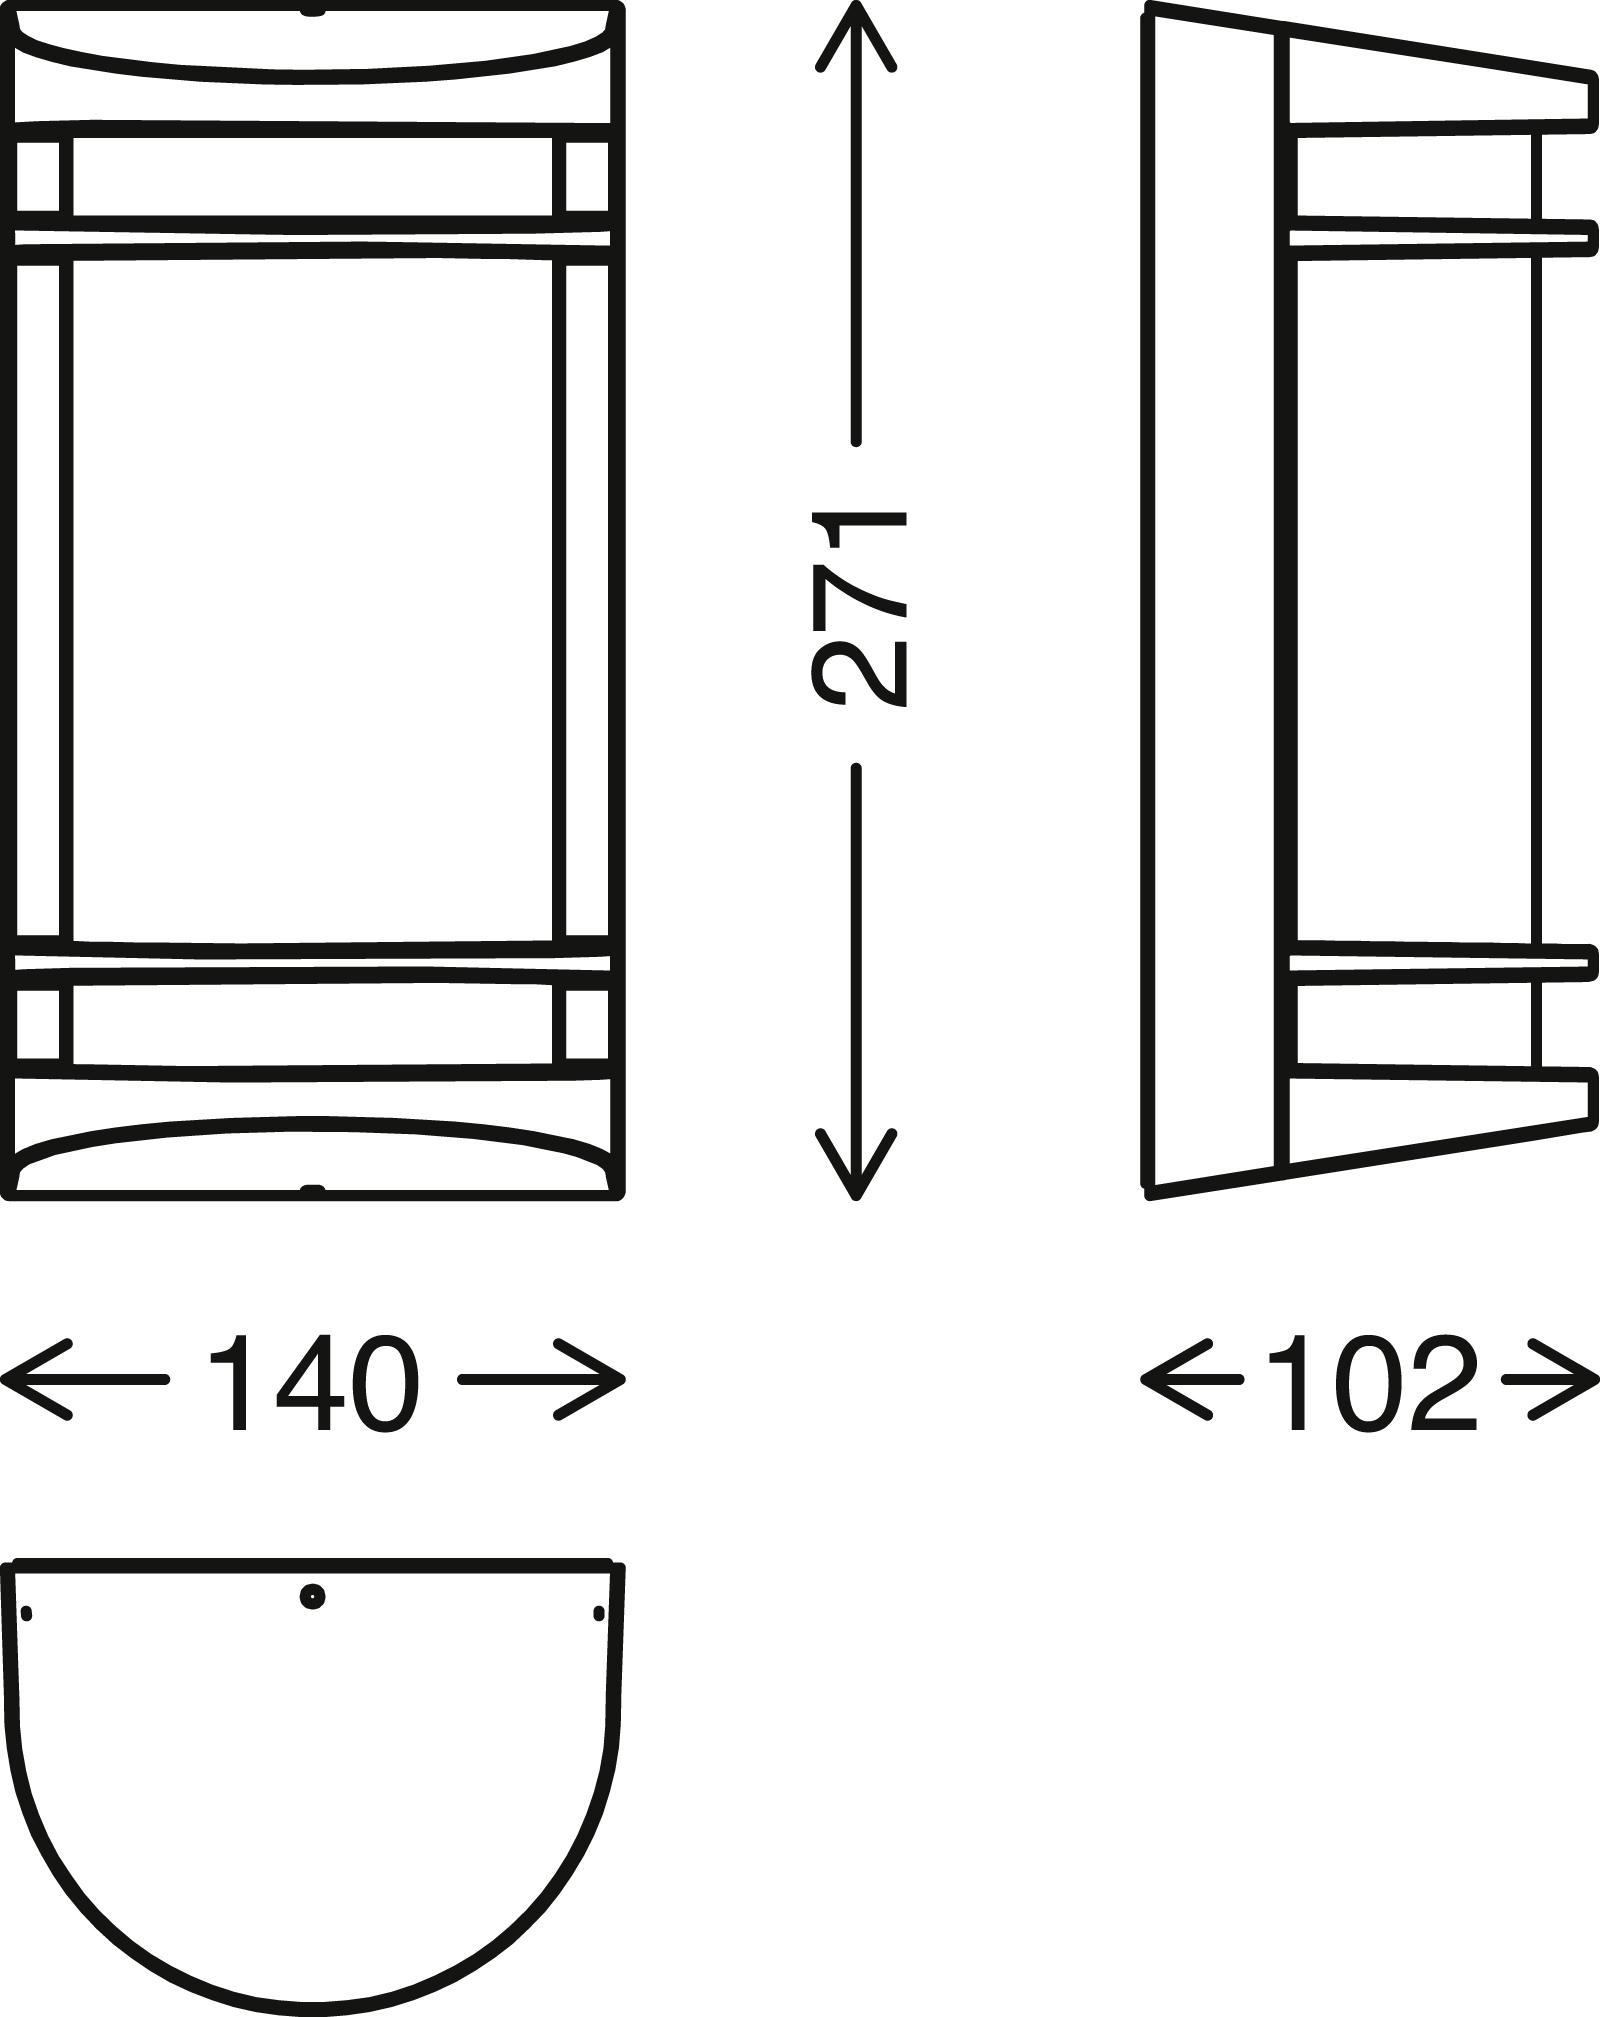 TELEFUNKEN LED Aussenwandleuchte, 14 cm, 10 W, Weiss